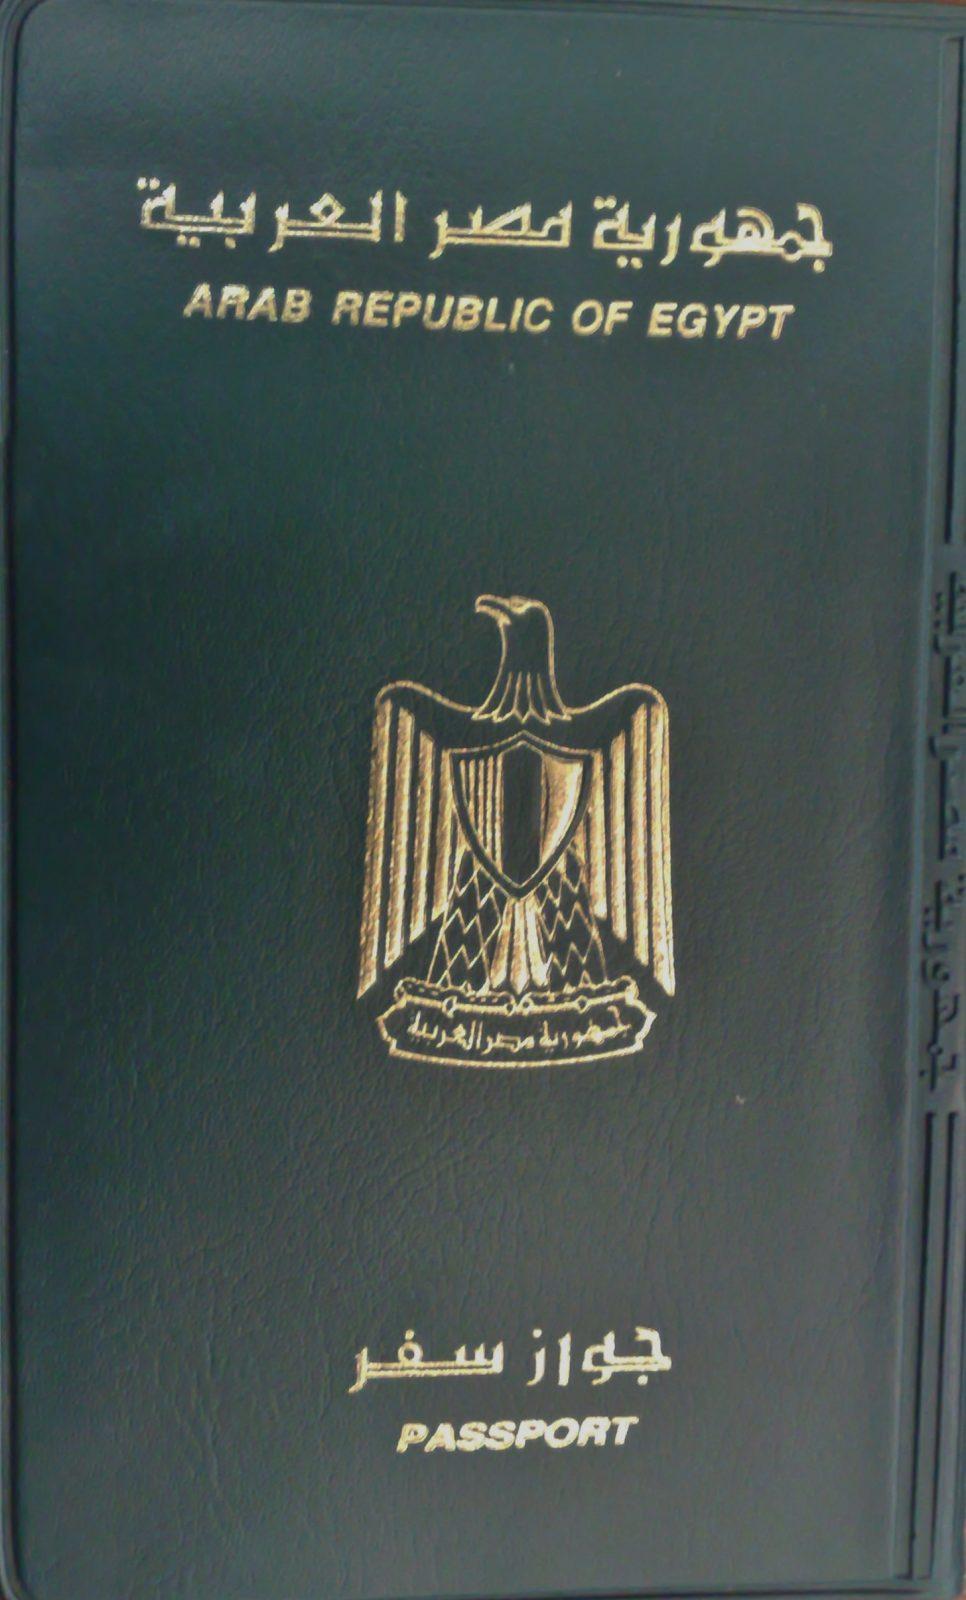 الجواز المصري - القنصلية المصرية في الكويت : إلغاء «ملصق الاقامة» على الجواز ابتداء من 10 مارس